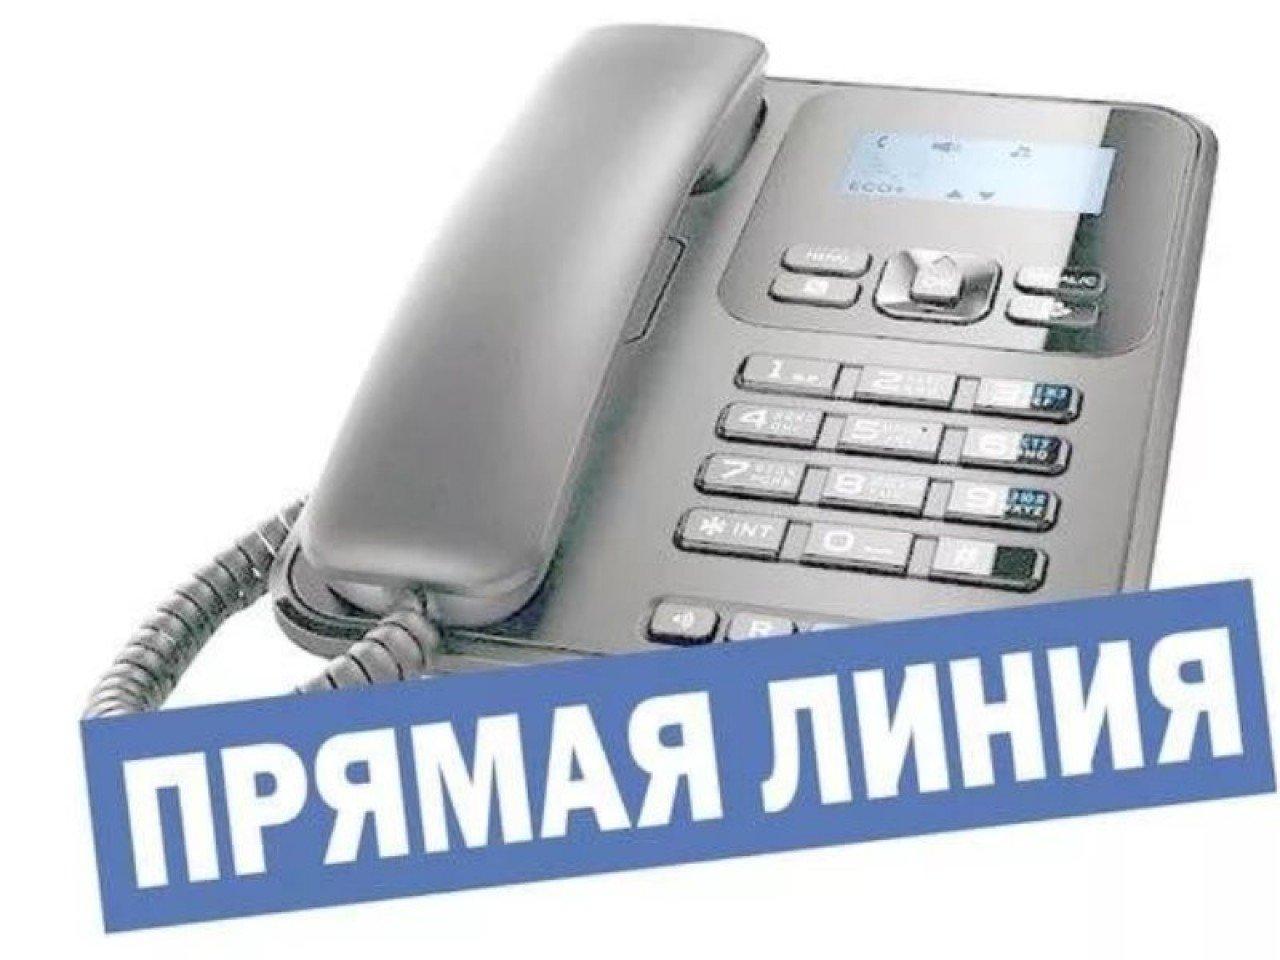 aa284790 858e 4b99 a1fa 95e51b0c5cb3